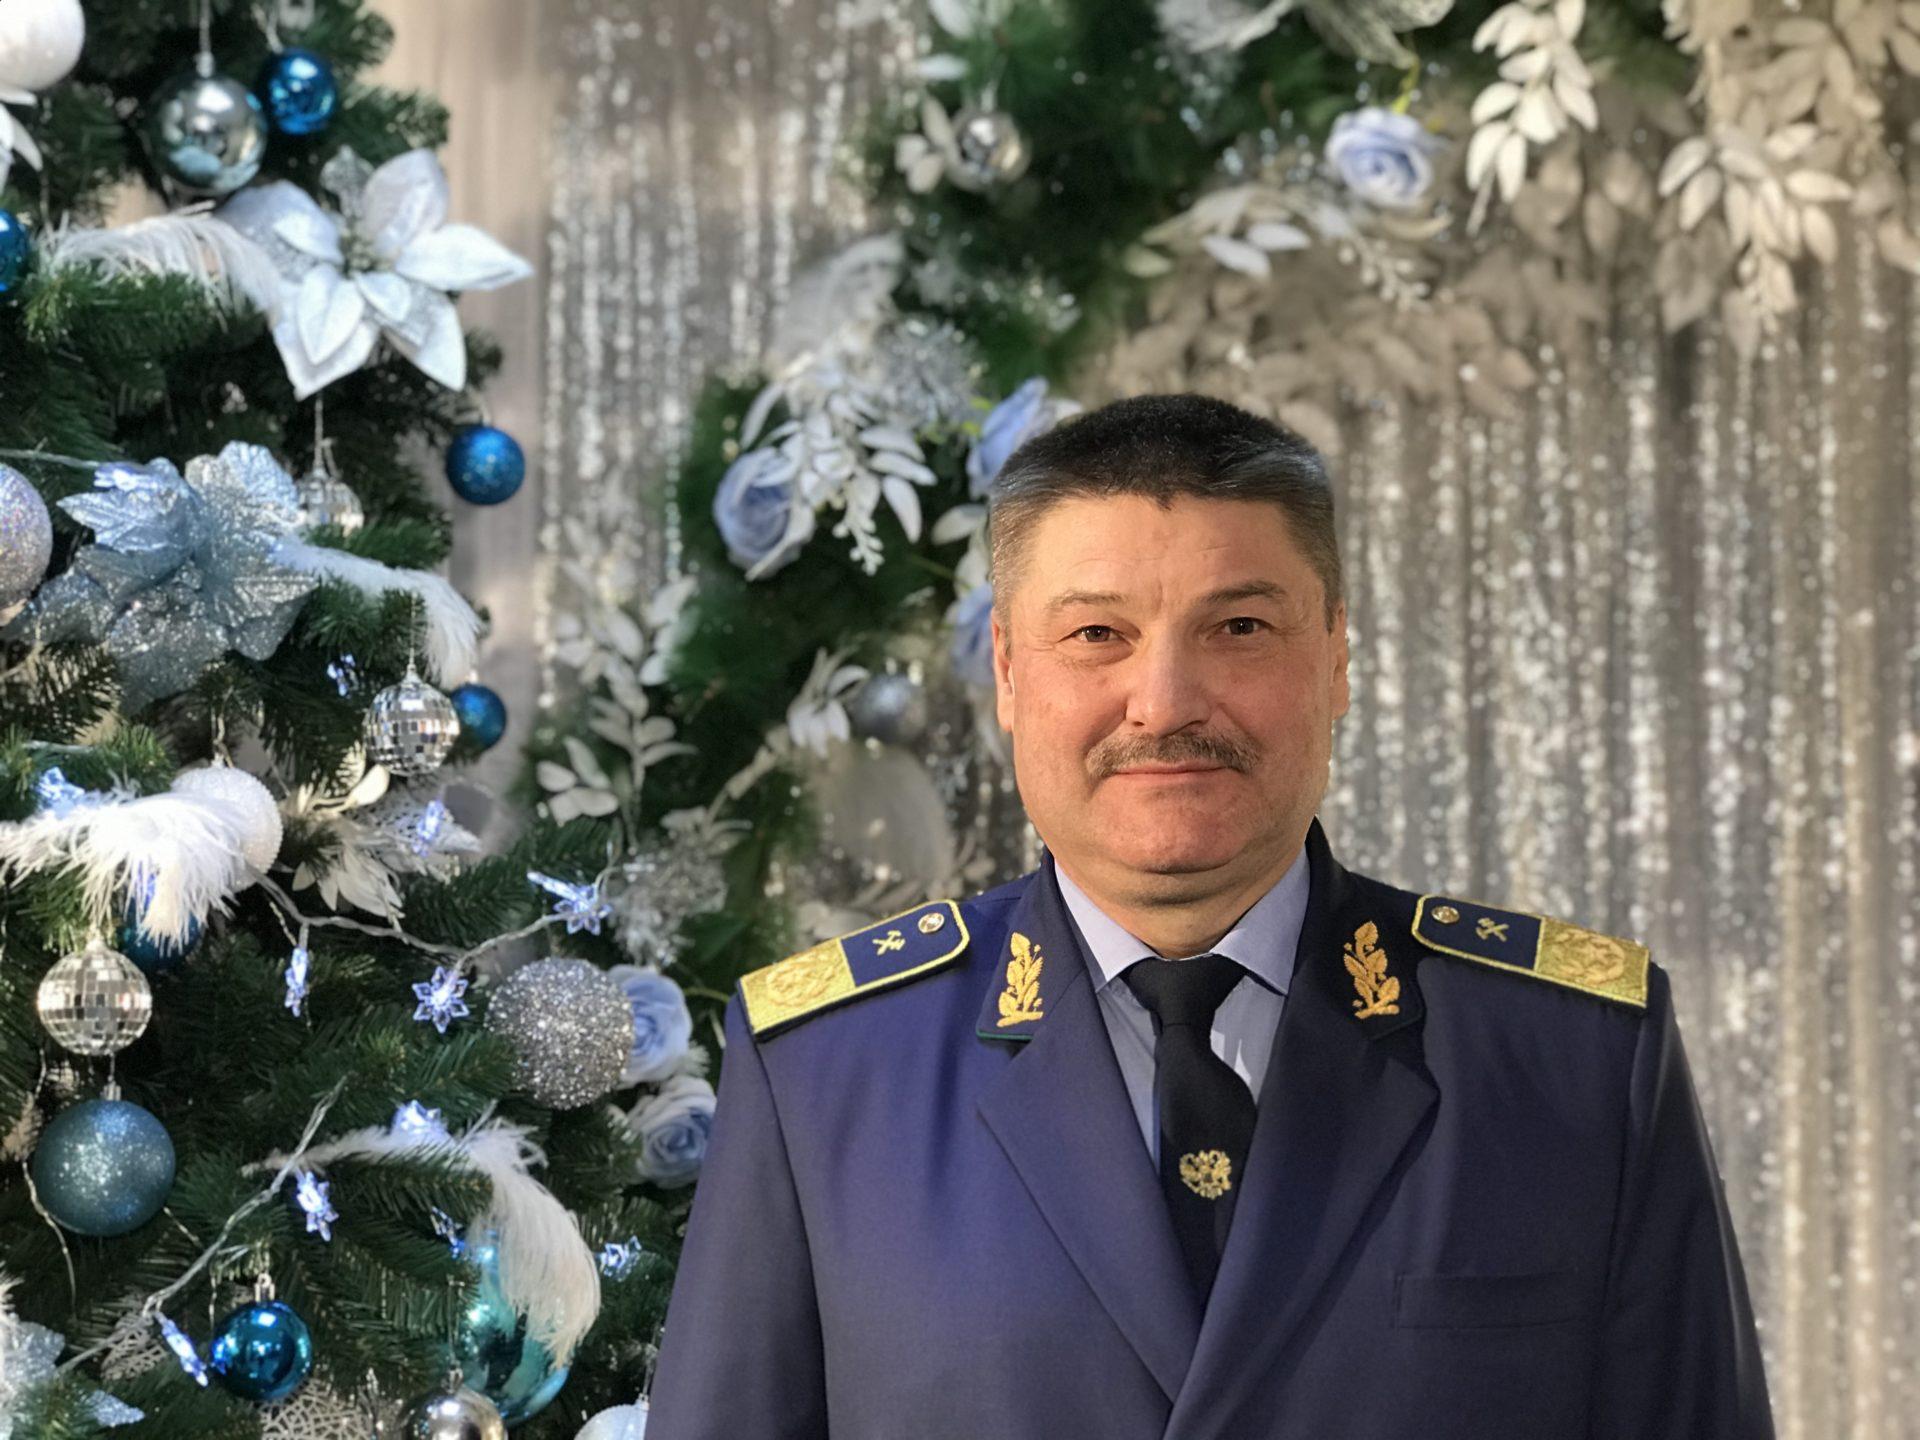 Коллектив Акционерной компании «Железные дороги Якутии» поздравляет с наступающим Новым годом и Рождеством Христовым